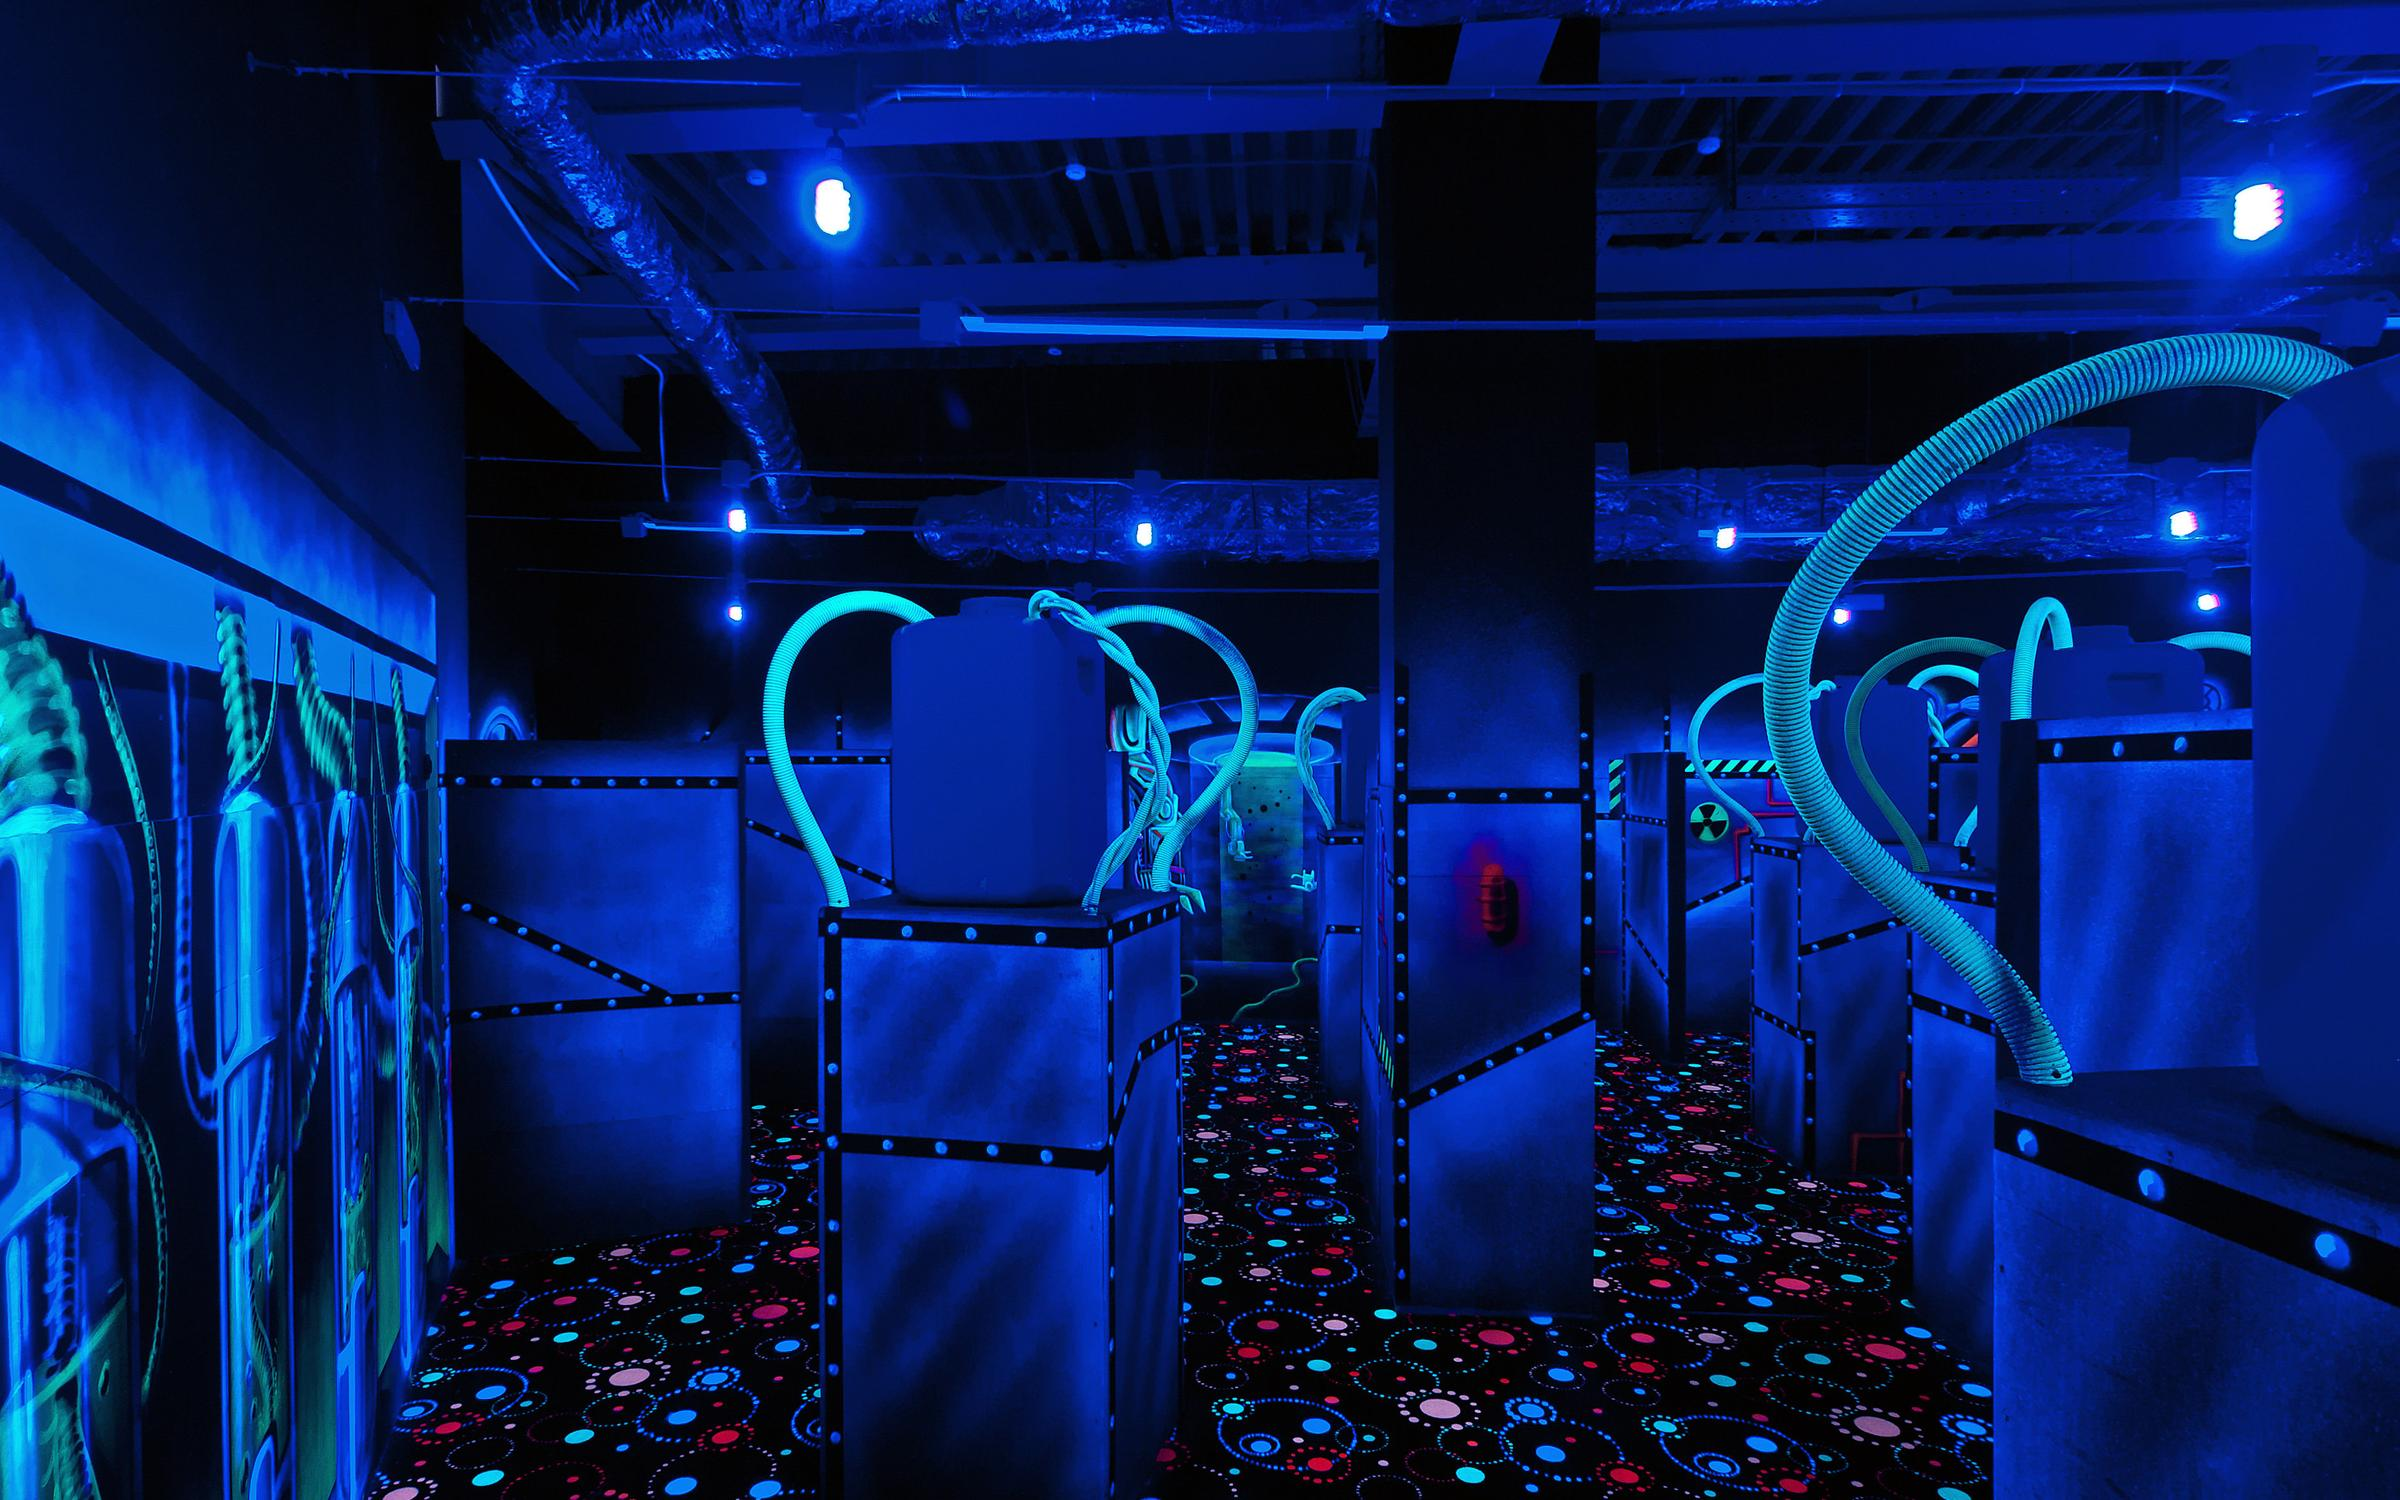 фотография Развлекательного центра LaserLand в ТРК VEGAS Крокус Сити